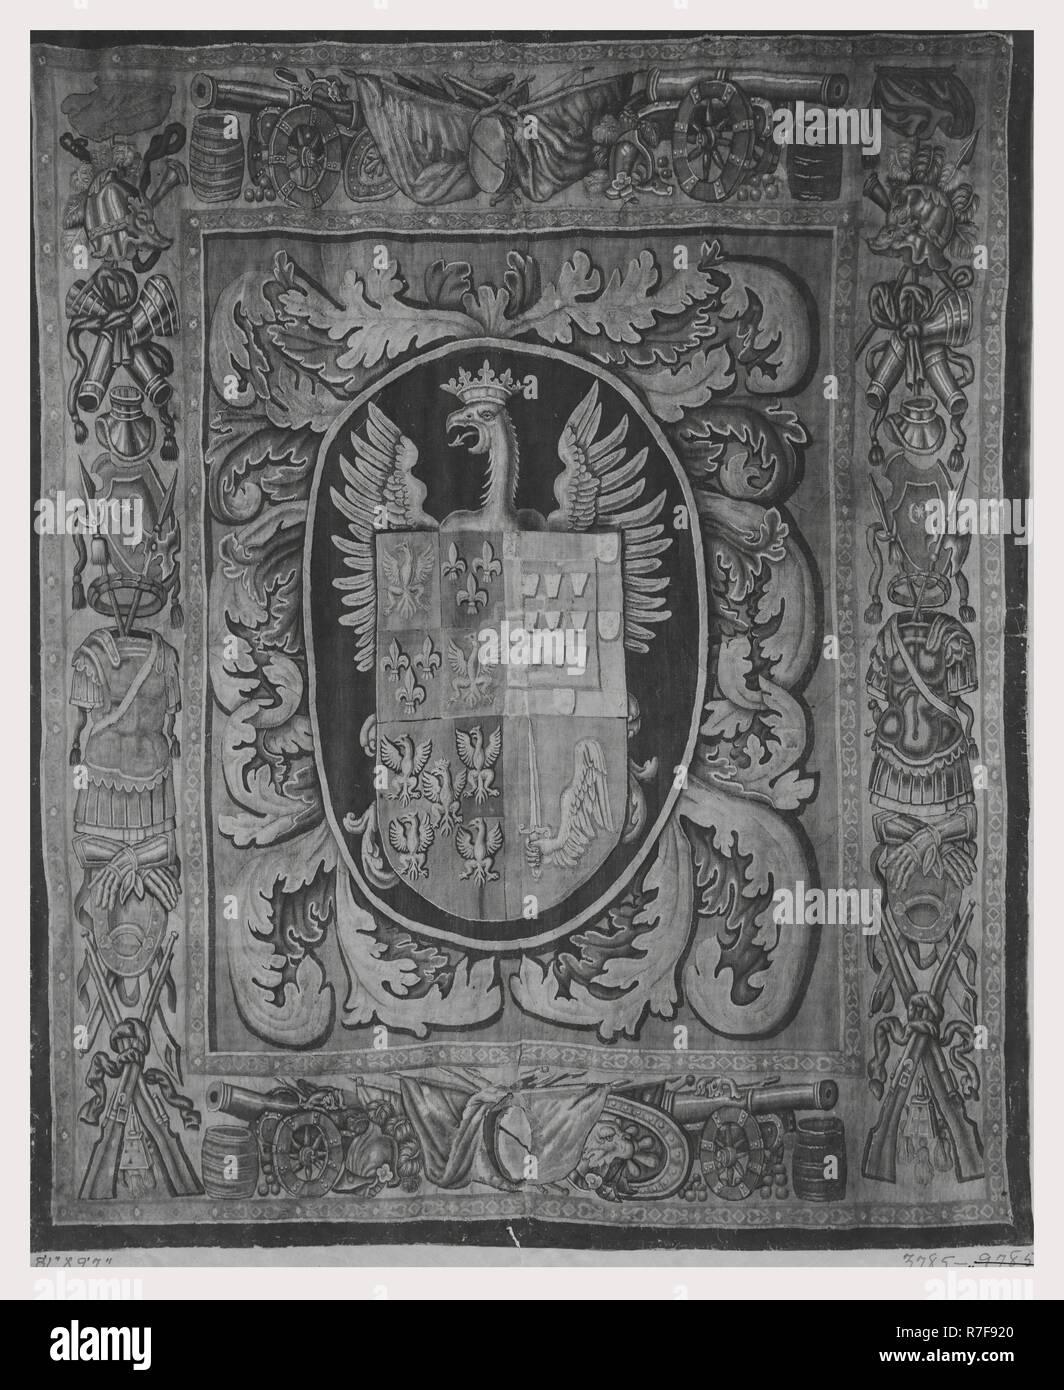 Ayuda a la catalogación Con-portire-acuartelados-escudo-apoyado-por-aguila-coronada-r7f920